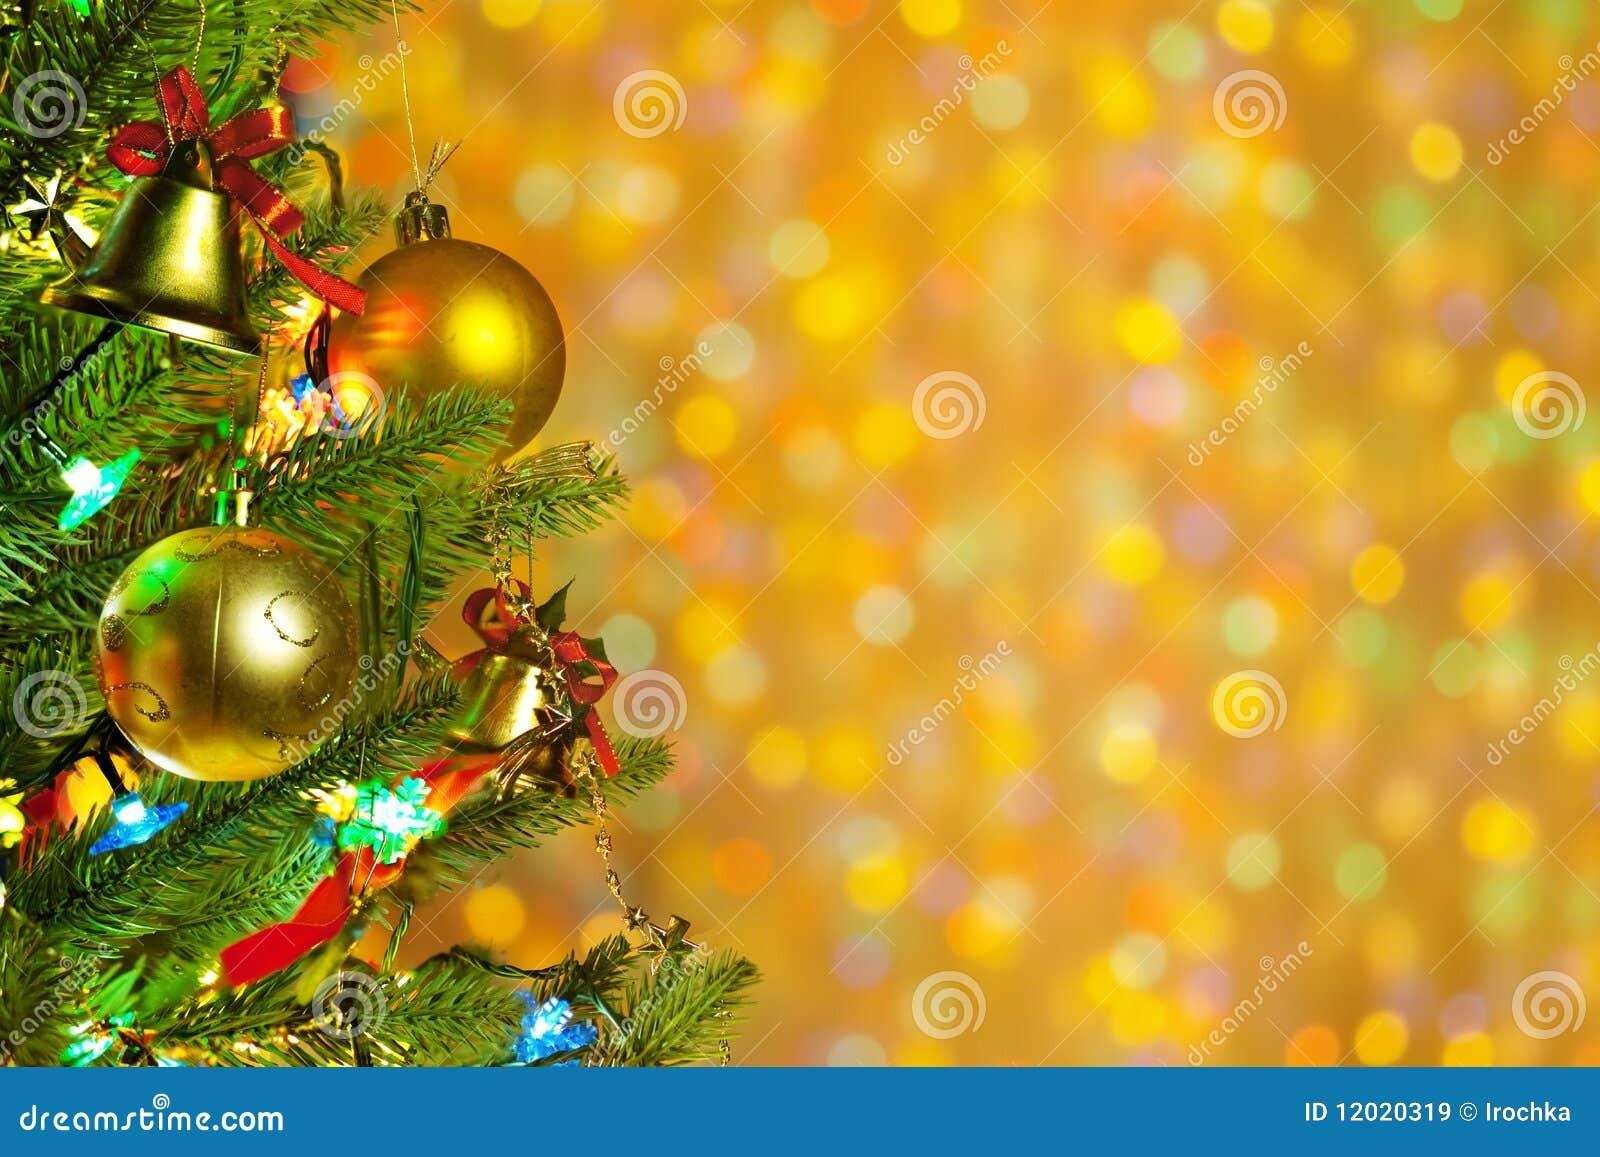 De spar van Kerstmis met kleurrijke lichten sluit omhoog